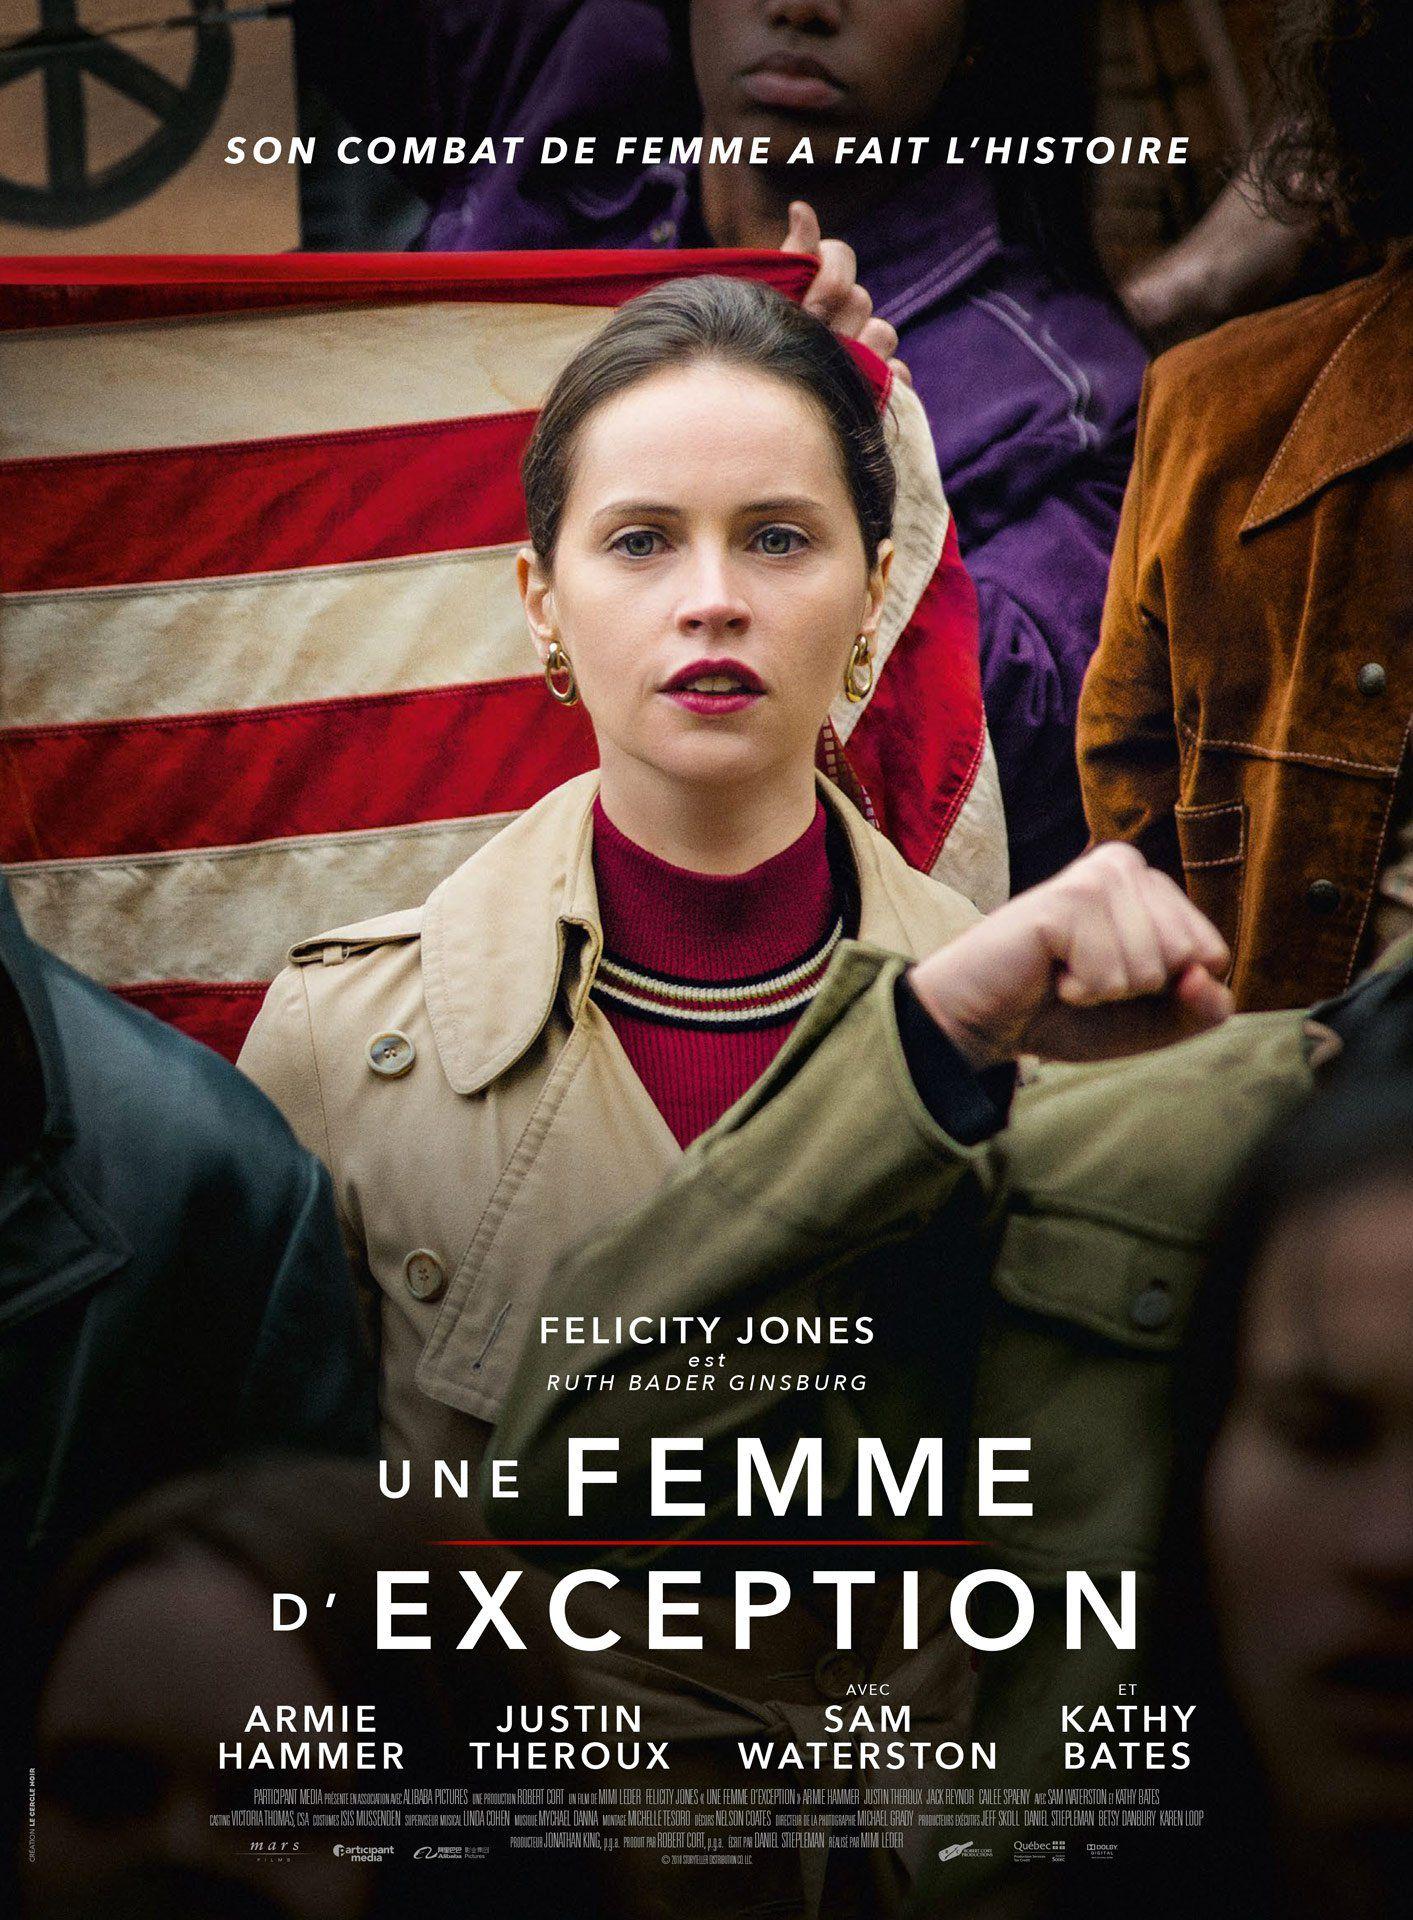 Une femme d'exception - Film (2019)